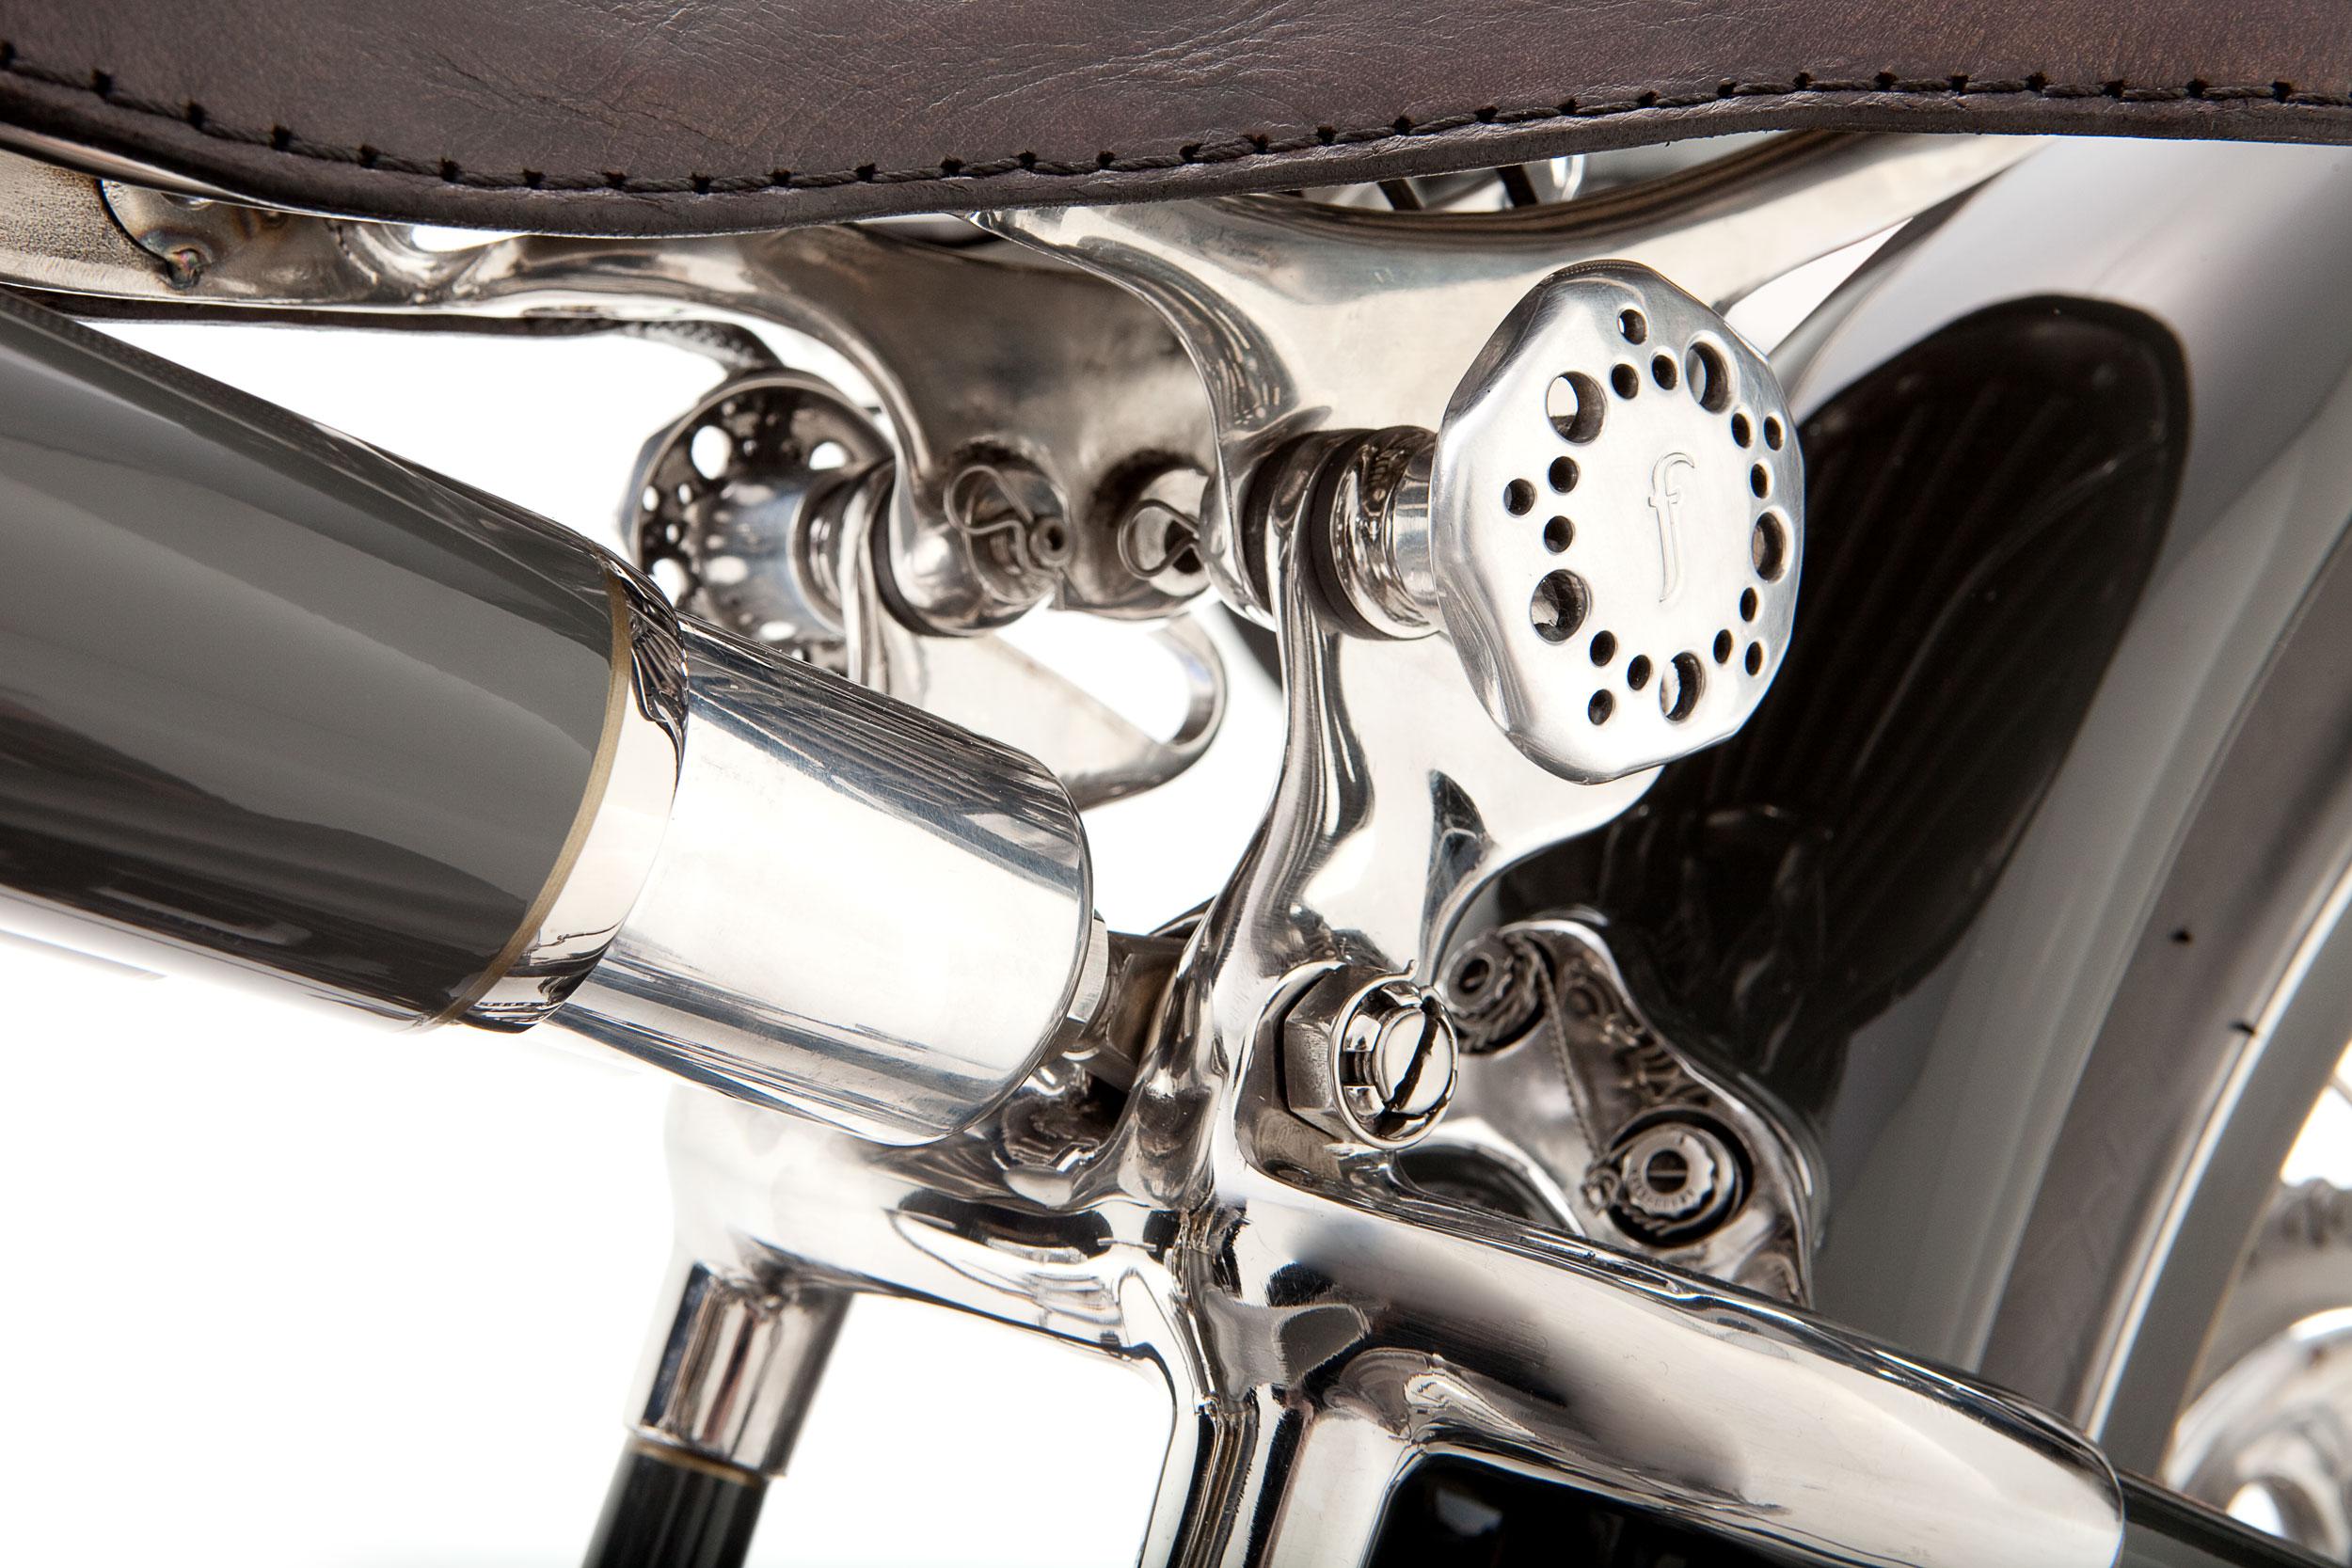 Black-Rear-Suspension-Dampner.jpg